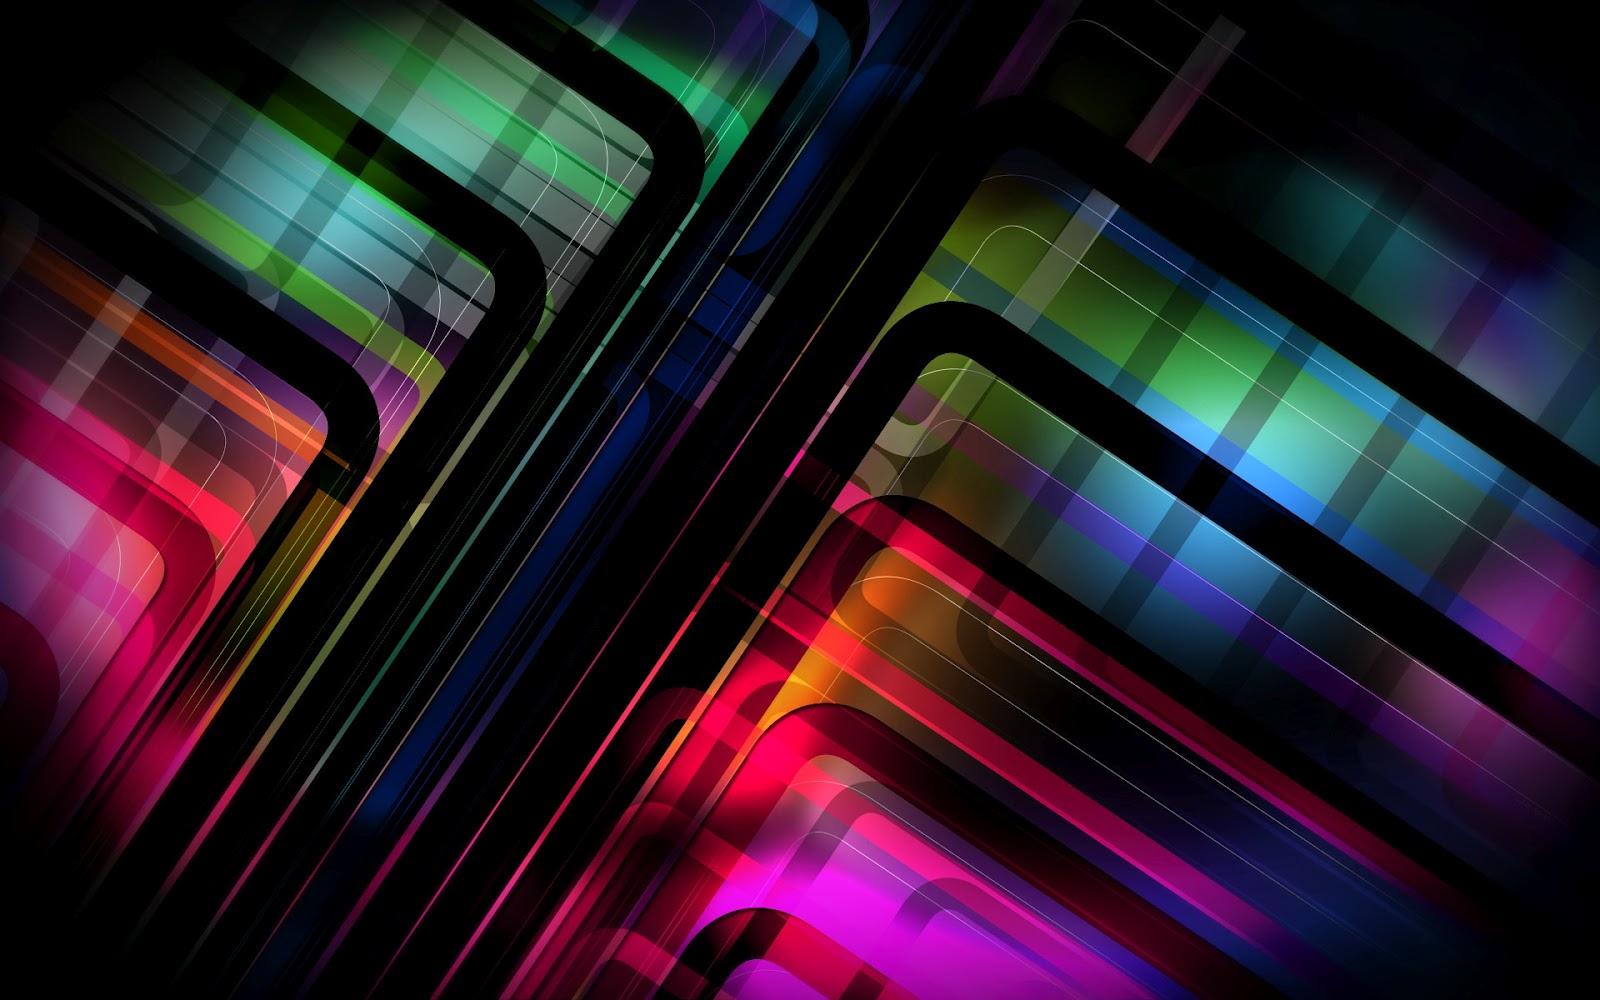 Wallpaper Wallpaper Hd Download Arte Digital Wallpaper Hd Papel De Parede E Imagens Para Pc